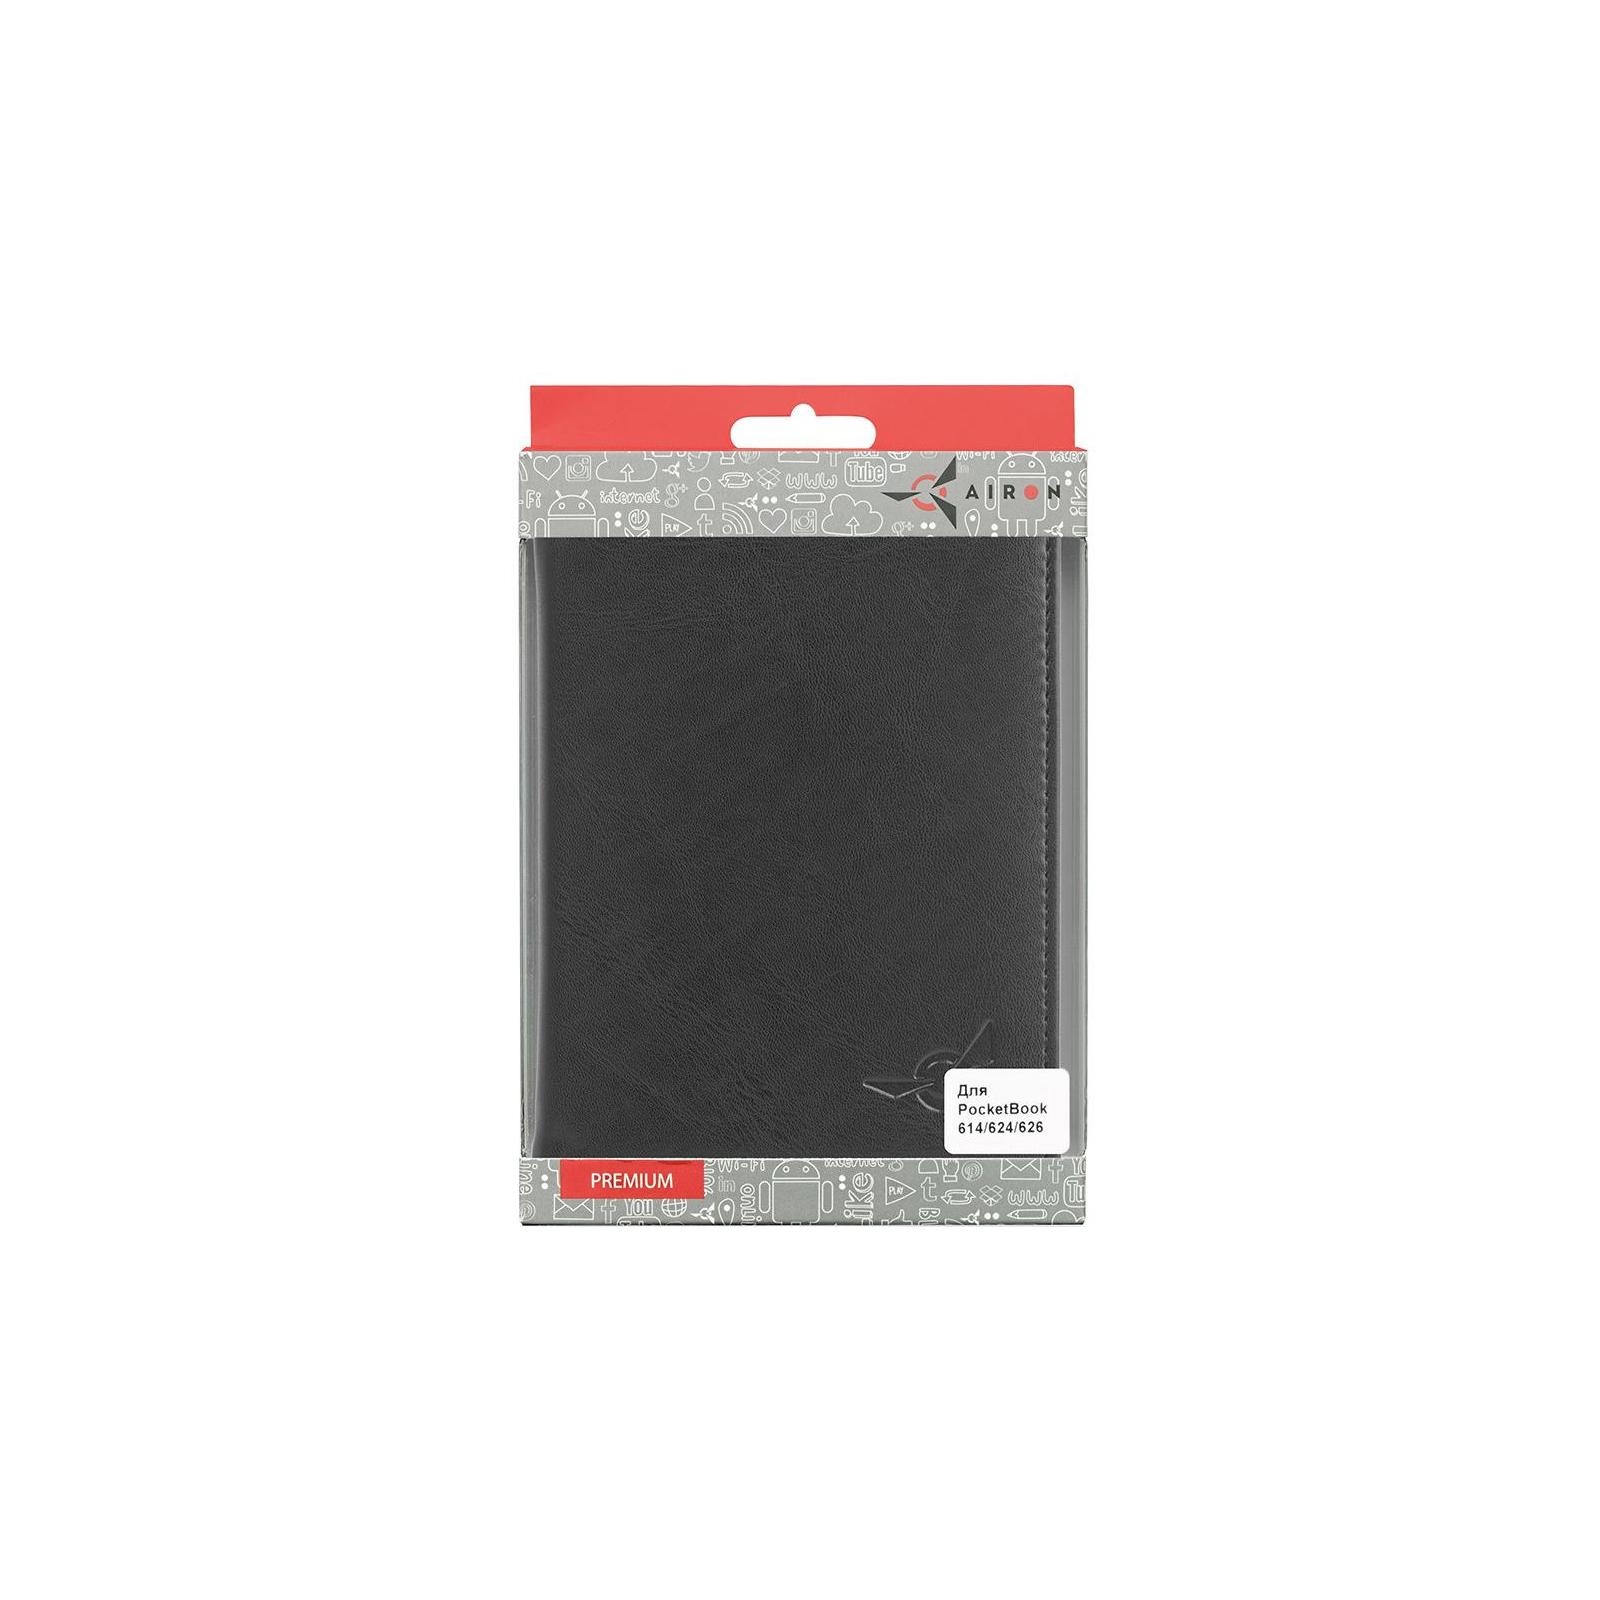 Чехол для электронной книги AirOn для PocketBook 614/624/626 (black) (6946795850137) изображение 3